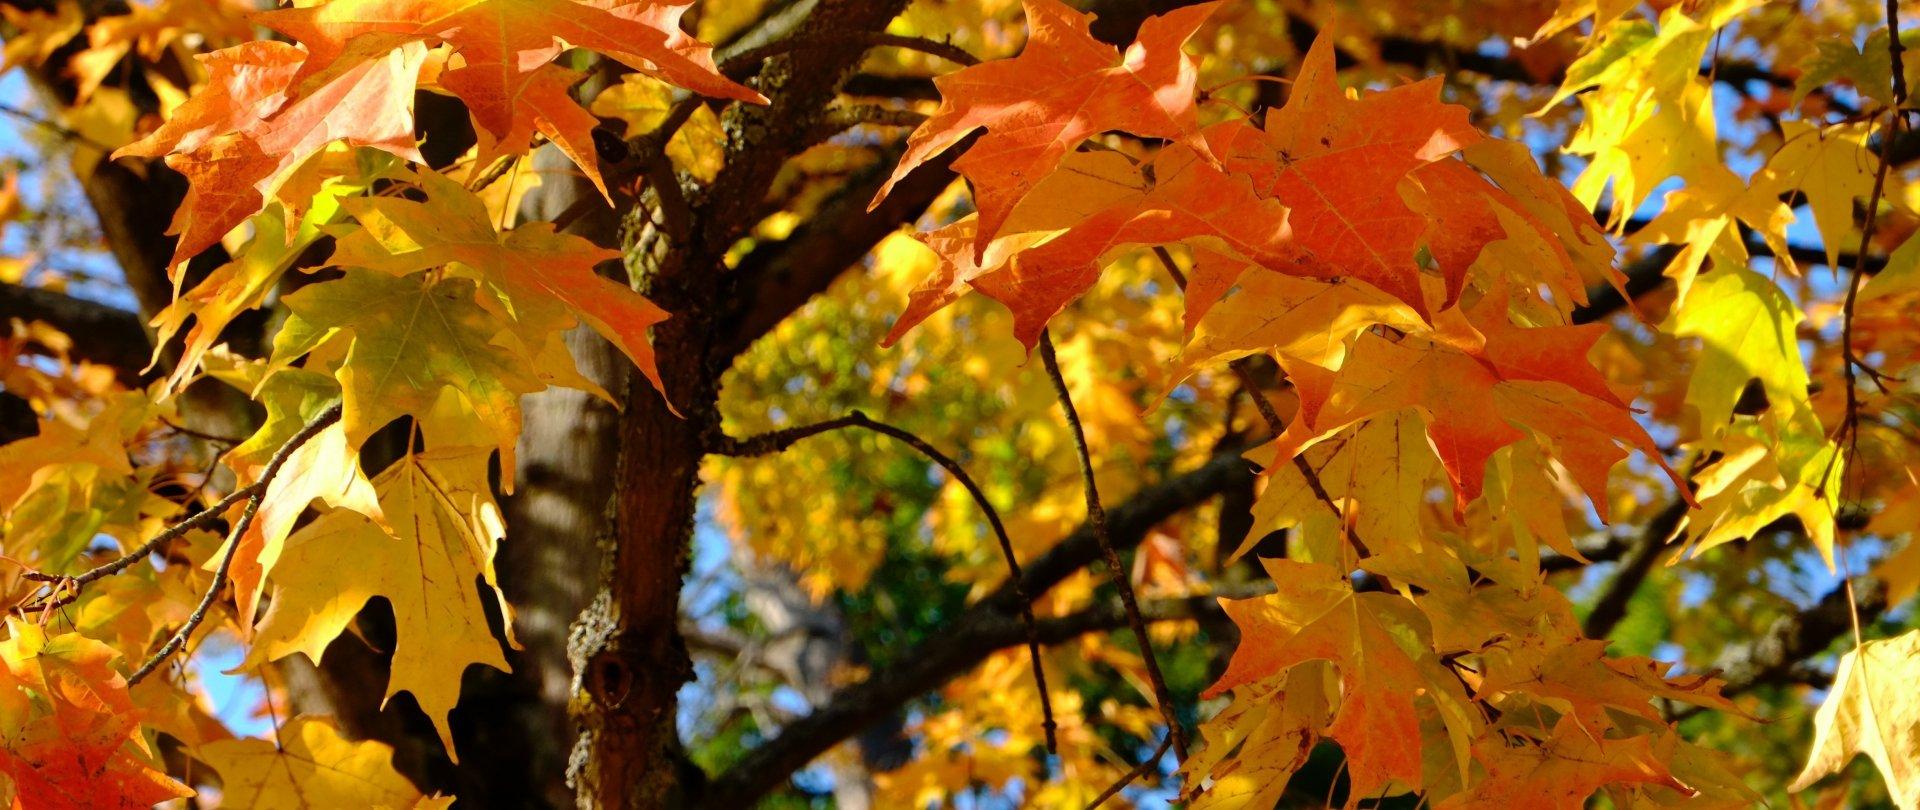 Let's celebrate autumn in Krakow